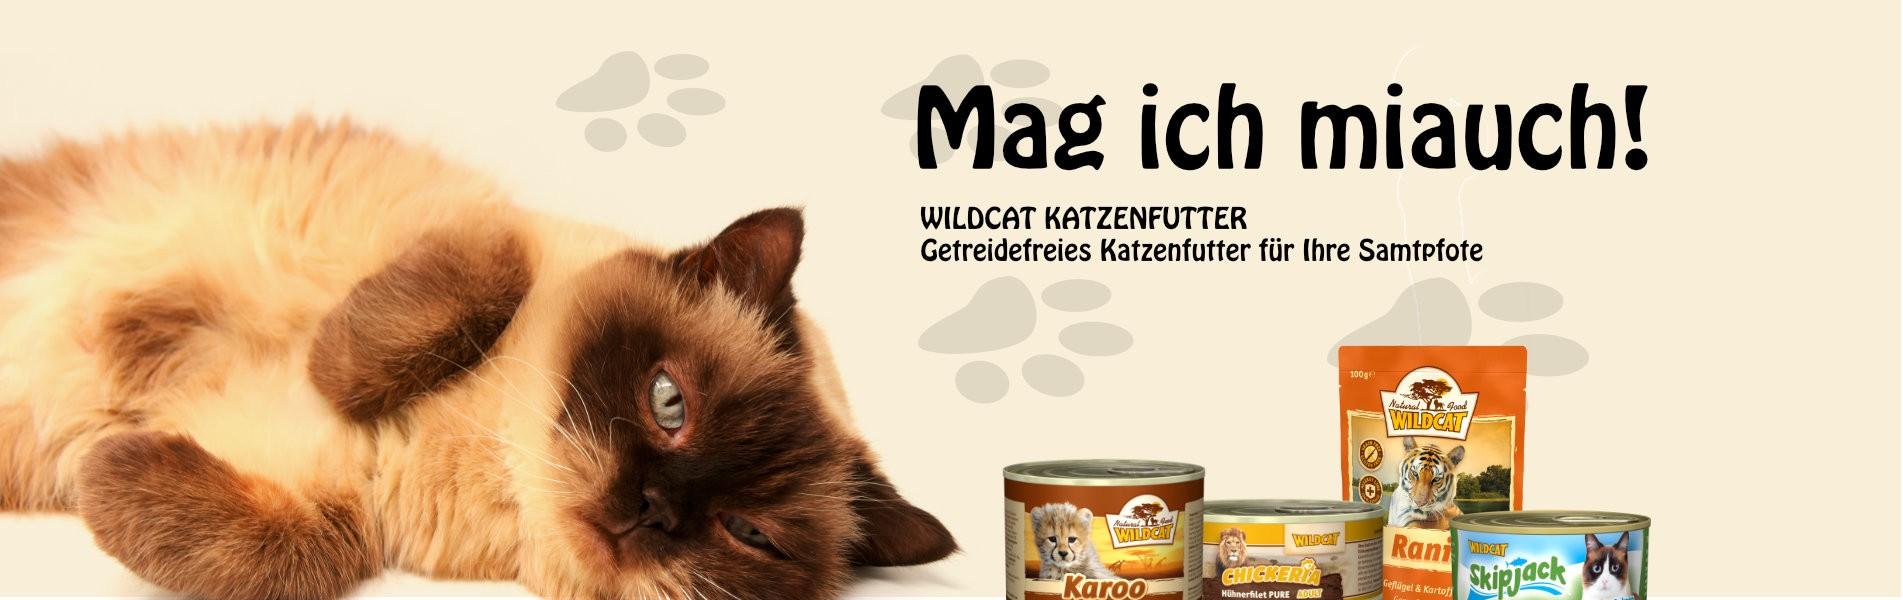 Wildcat Futter für die Katze